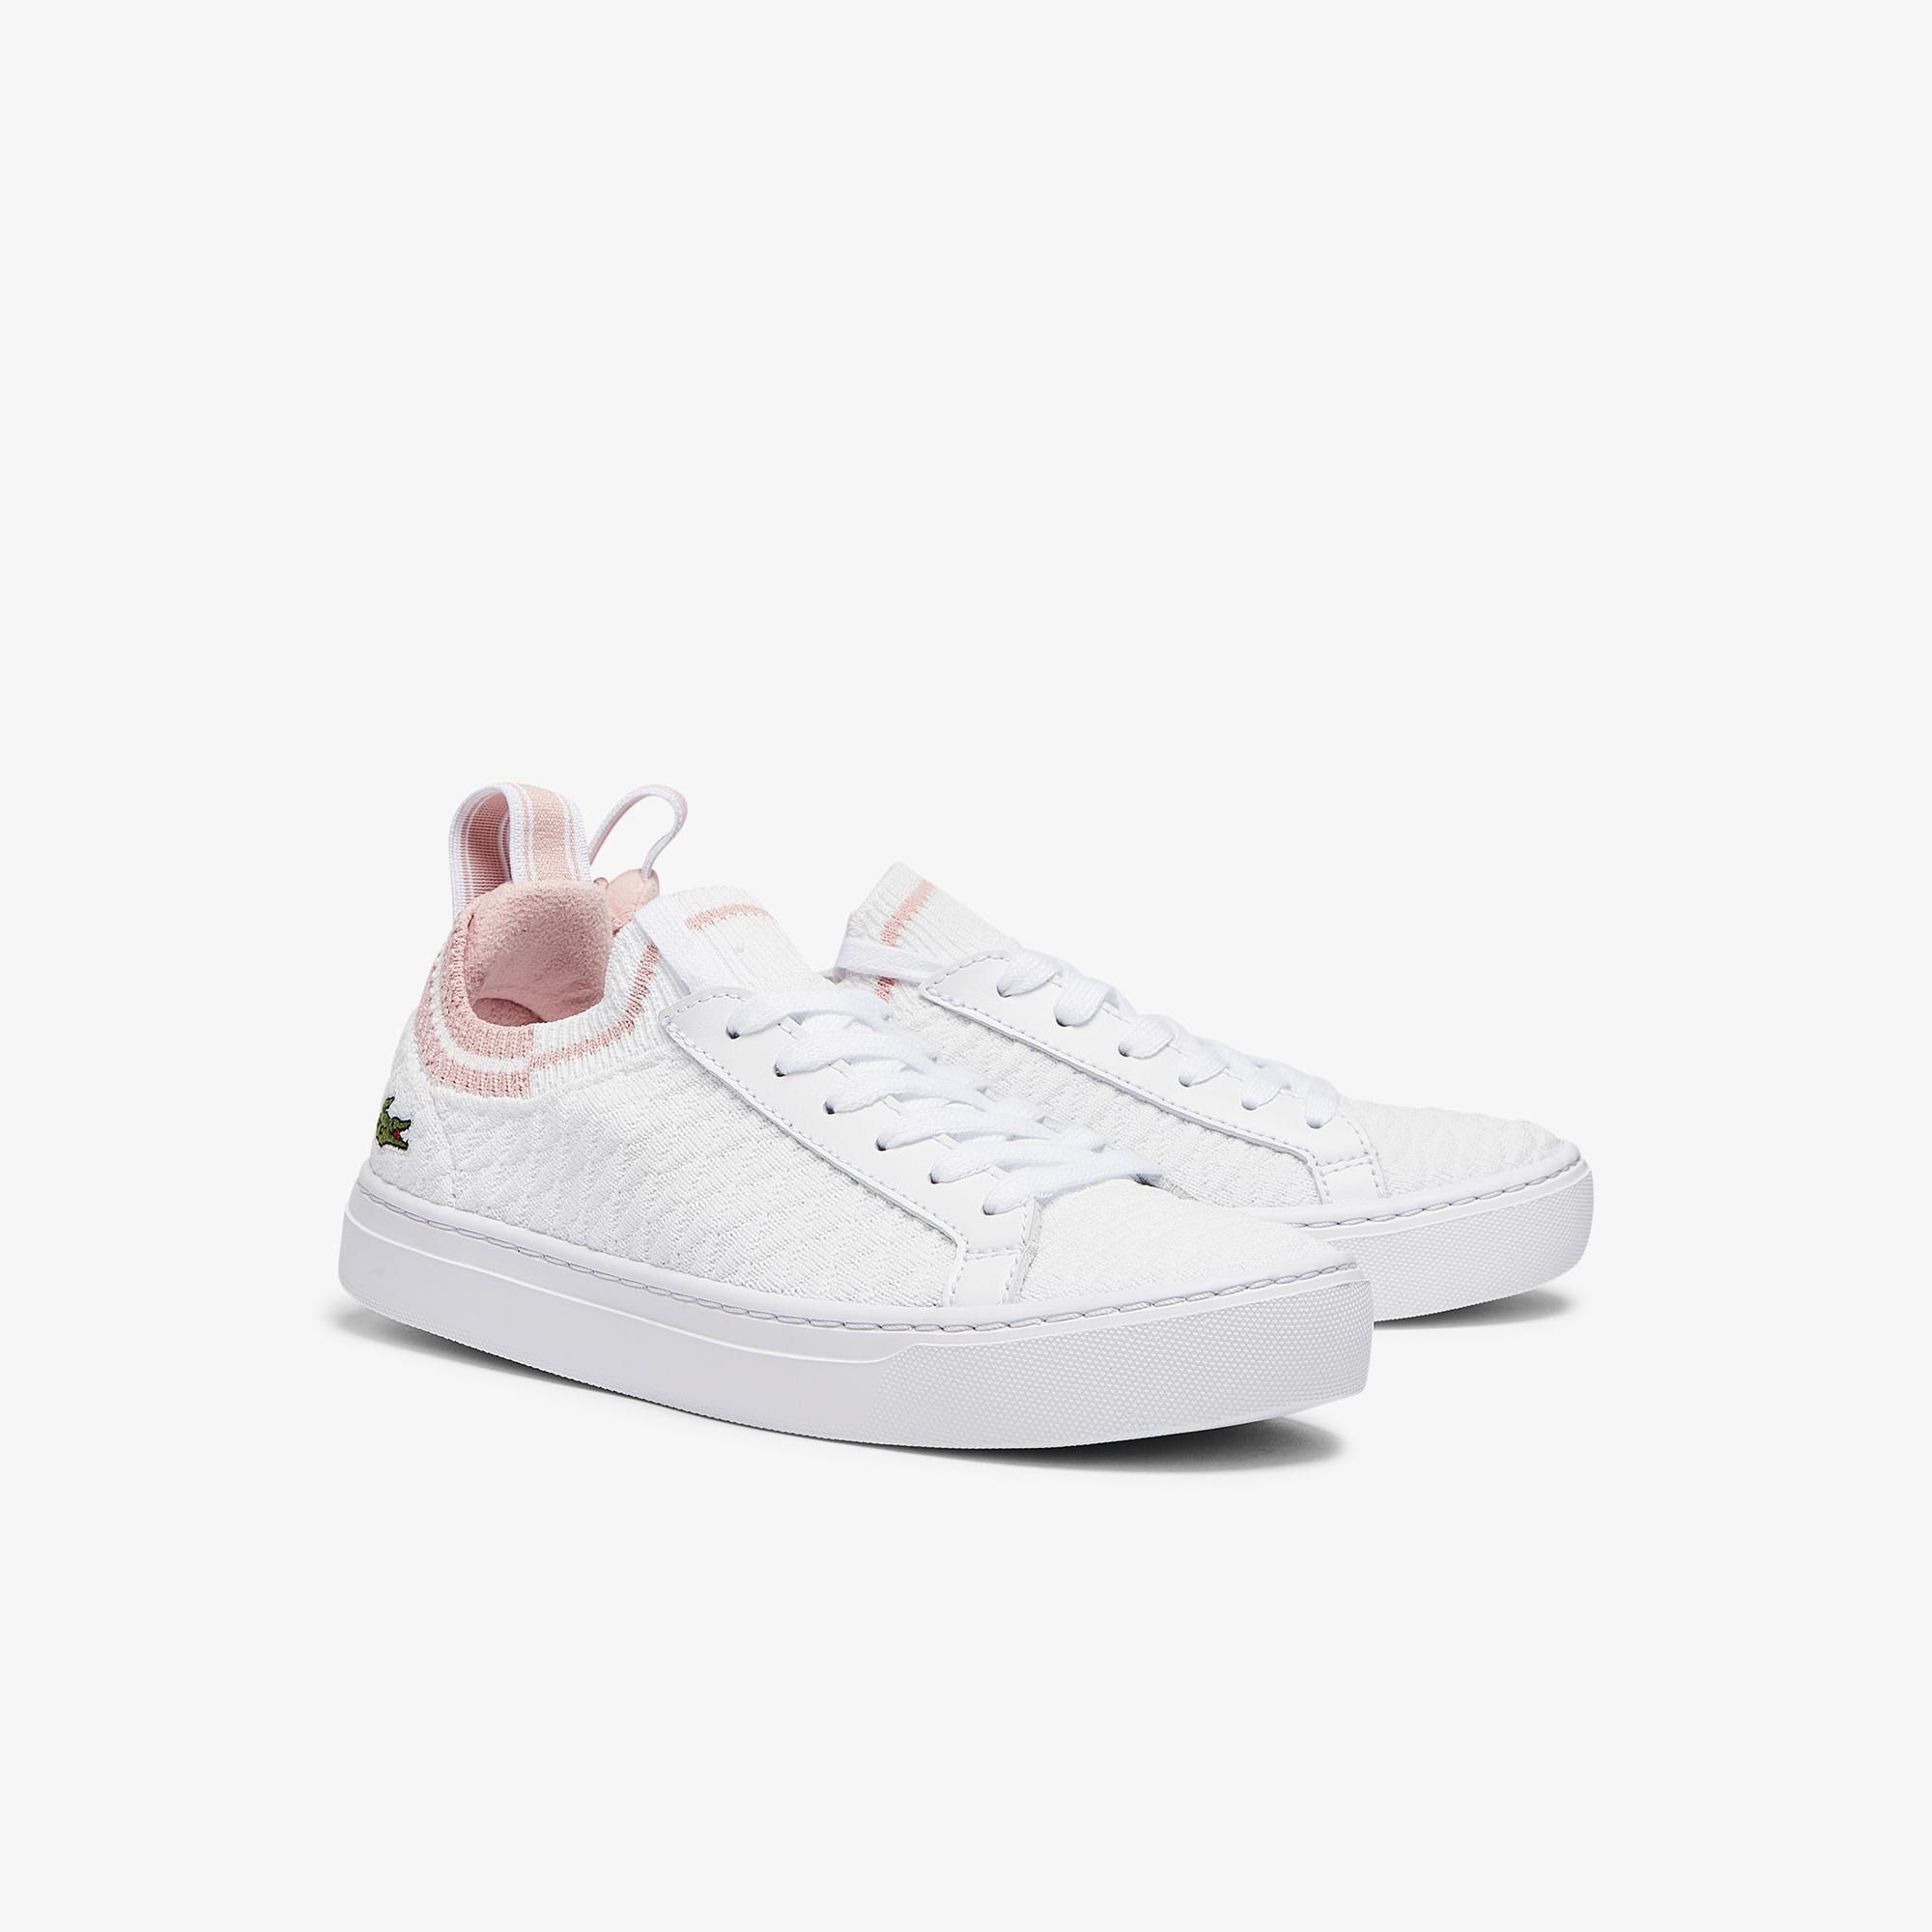 Lacoste La Piquee 0721 1 Cfa Kadın Beyaz - Açık Pembe Sneaker